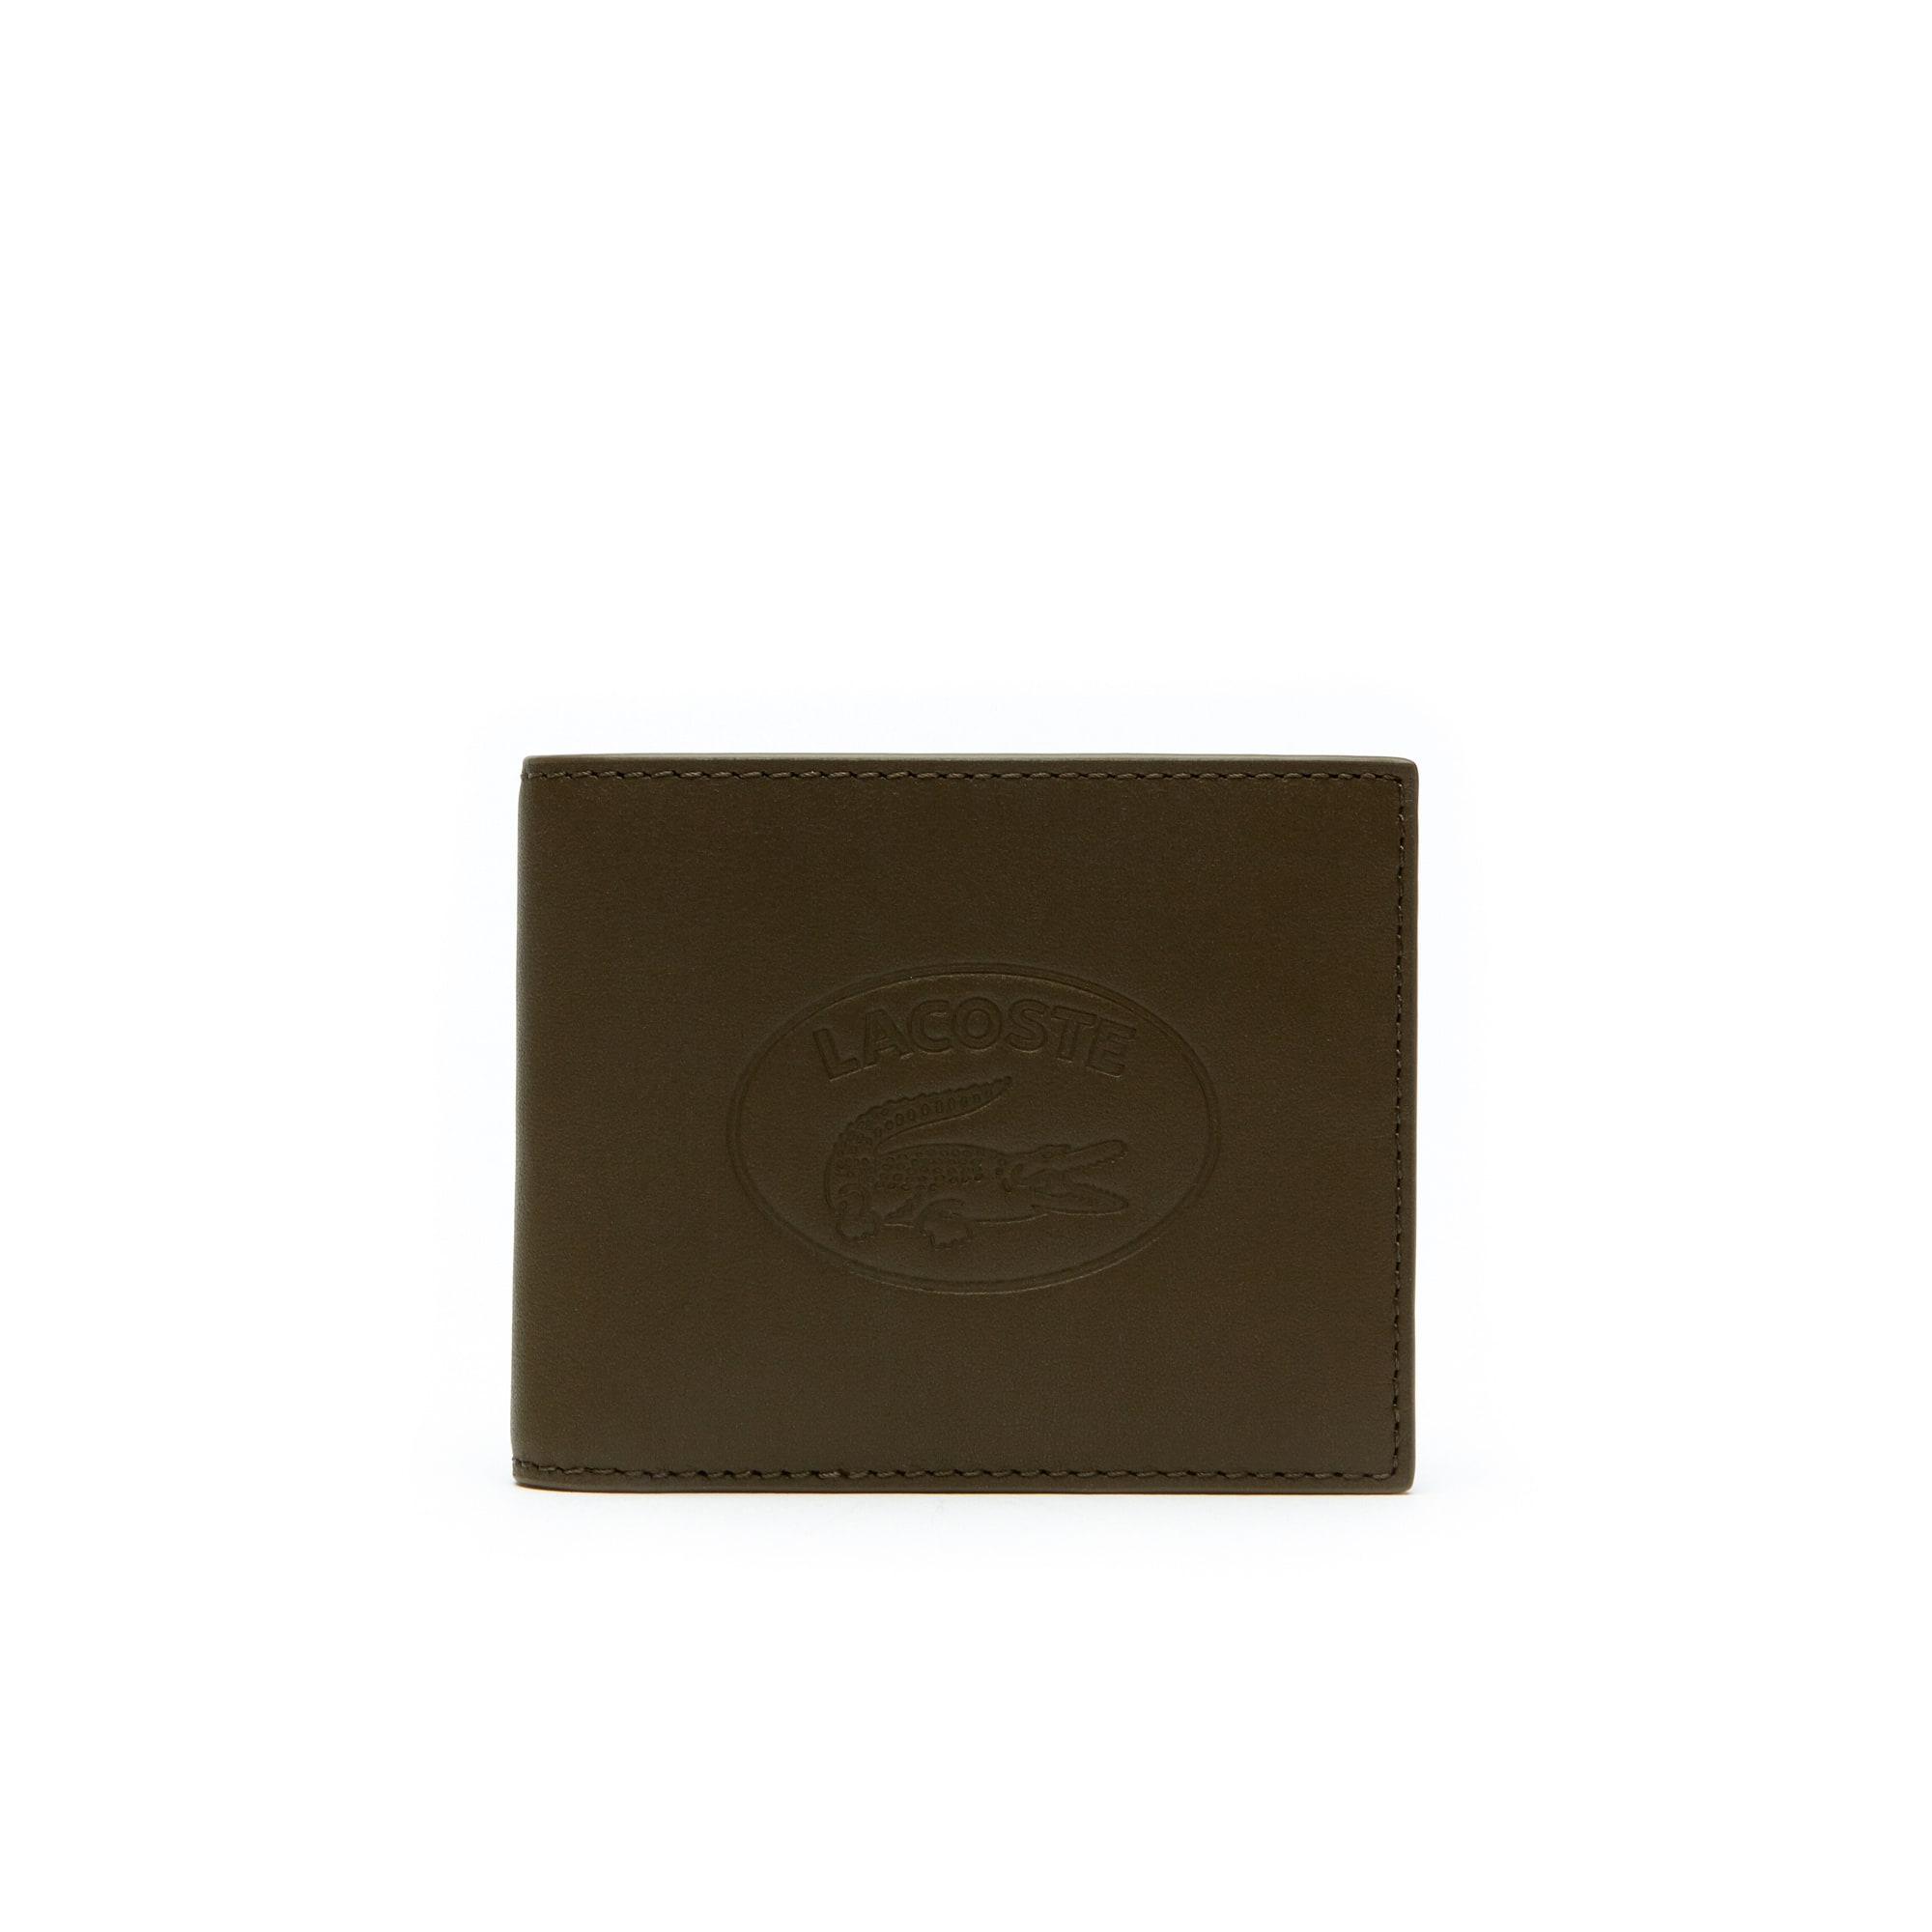 محفظة بطاقات جلدية من مجموعة L.12.12 للرجال تتسع لستة بطاقات مع حروف لاكوست بارزة